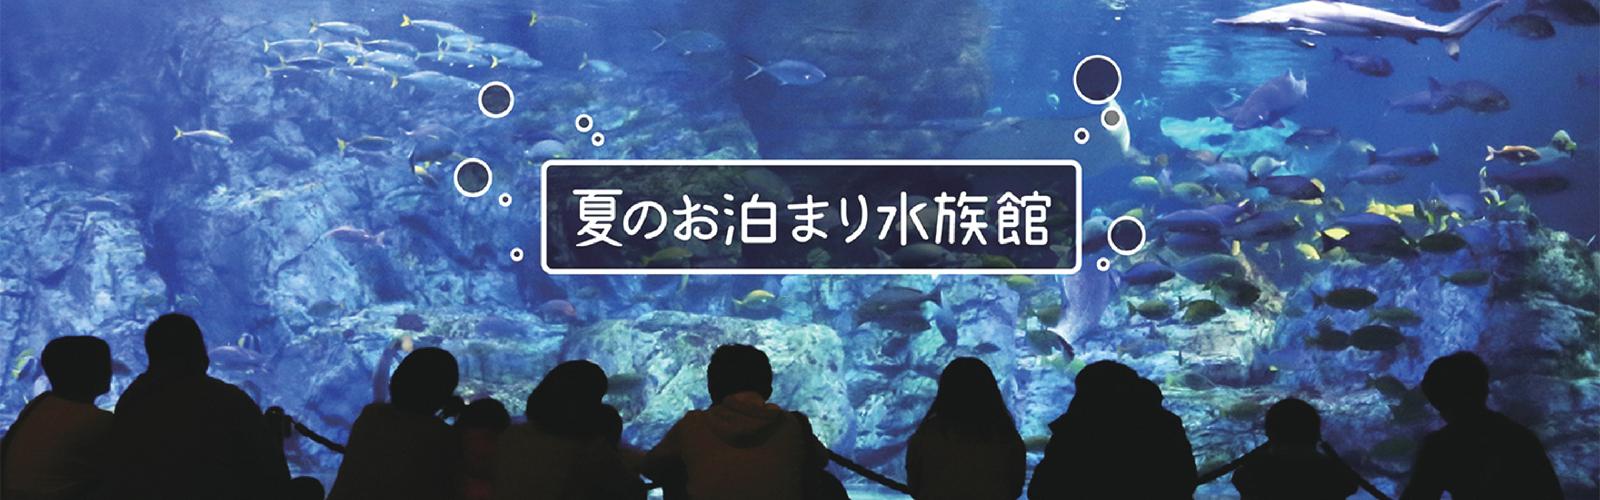 お泊り水族館